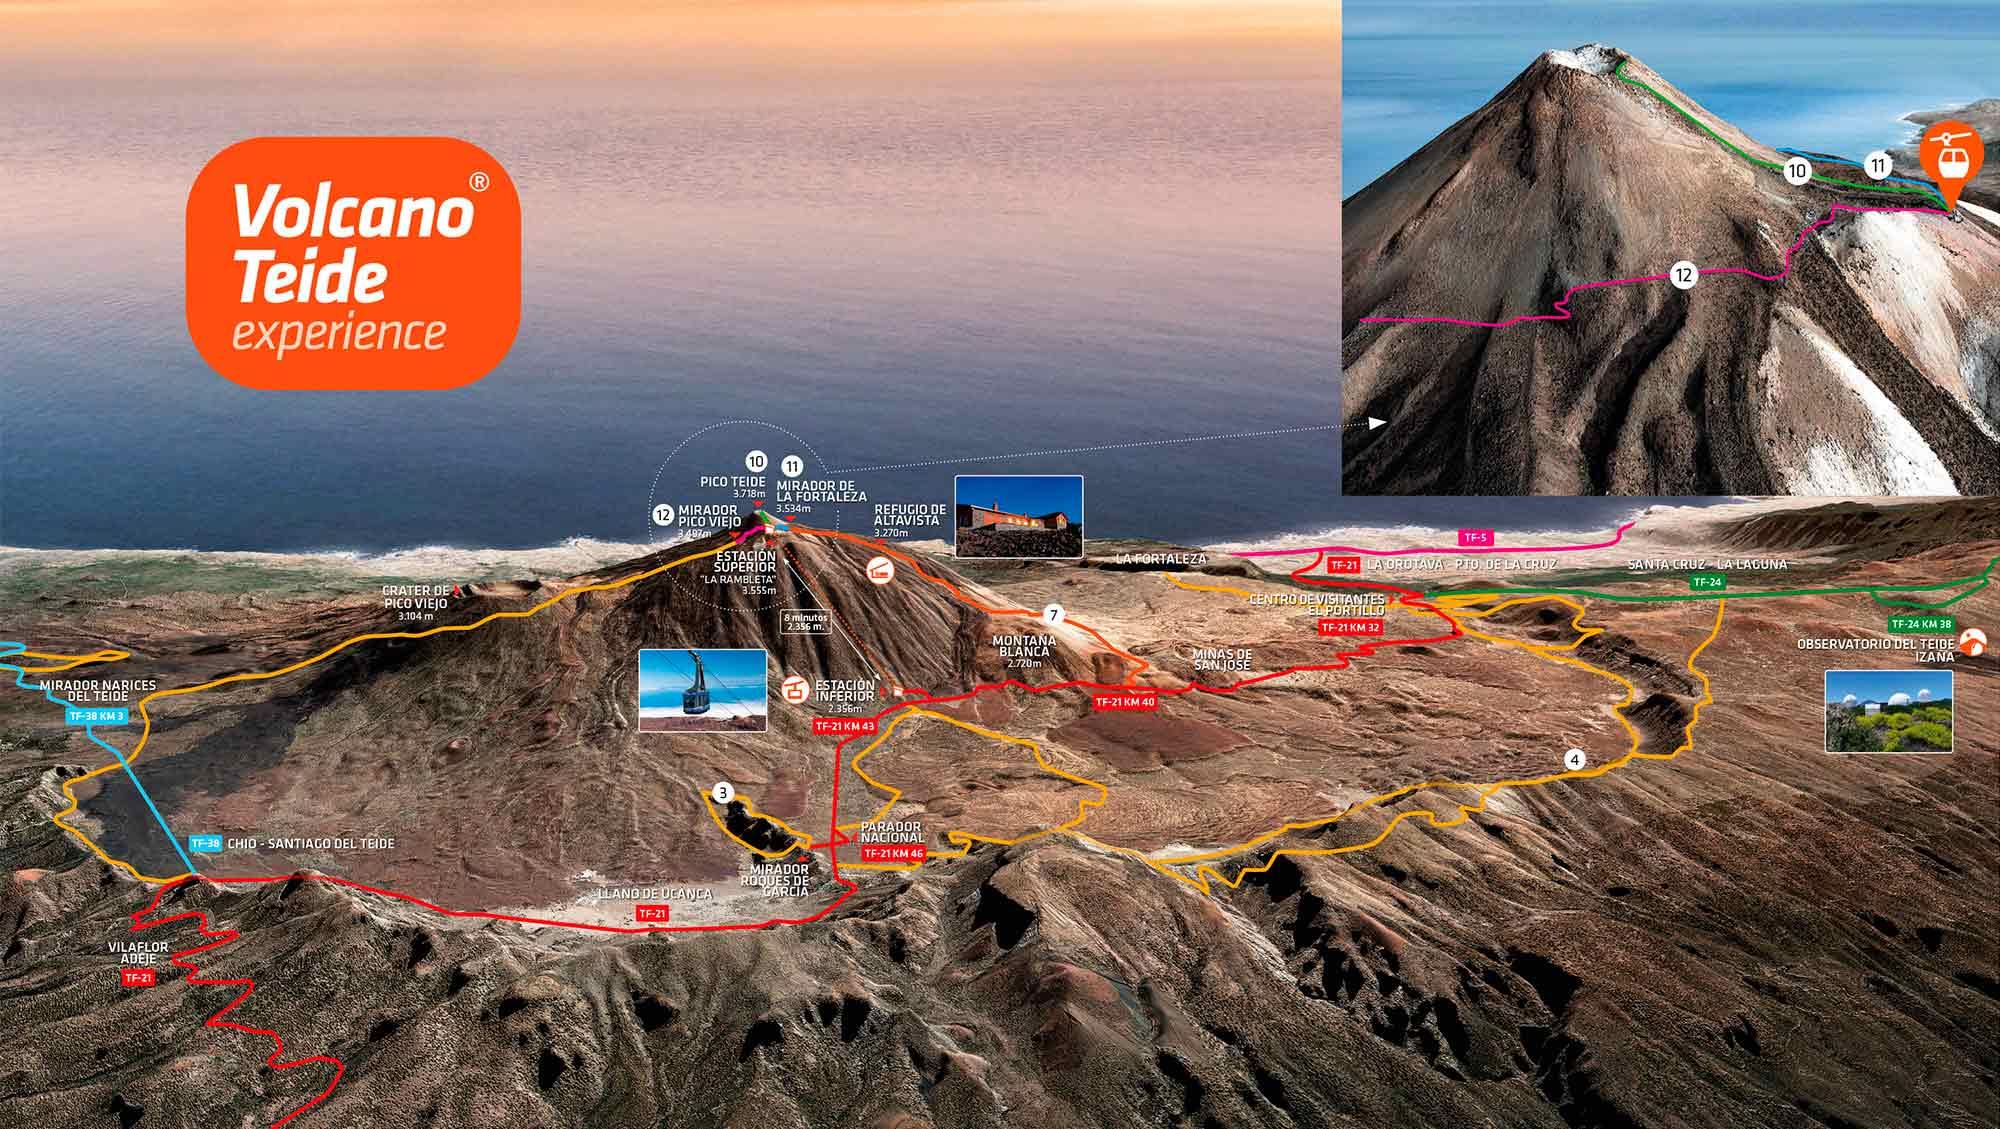 Wejście na Teide pieszo szlakiem Montaña Blanca